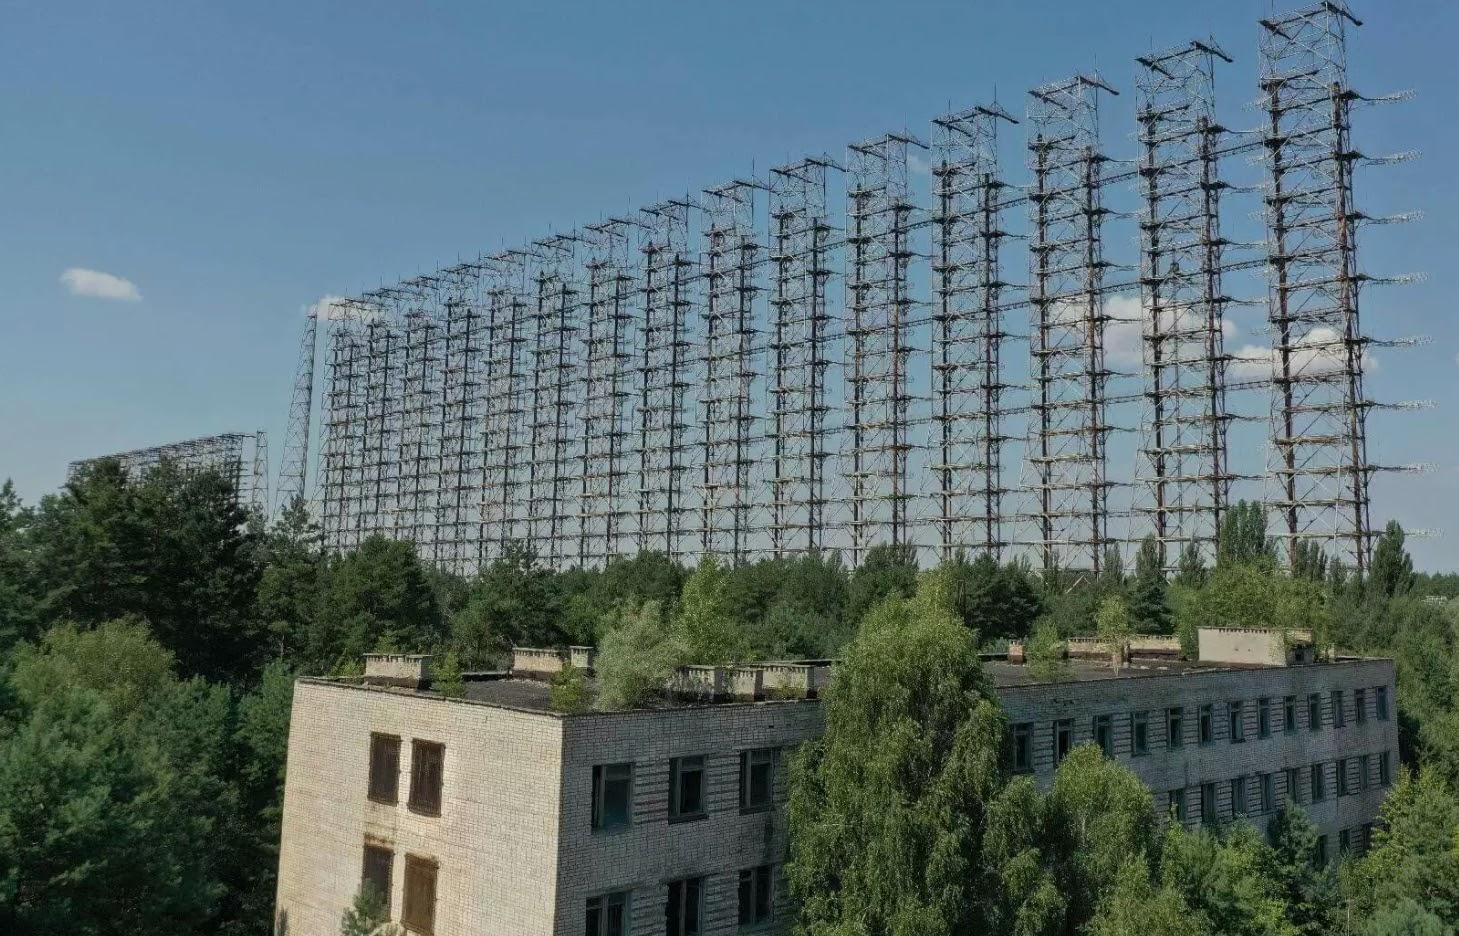 Chernobyl-2, Ukraine